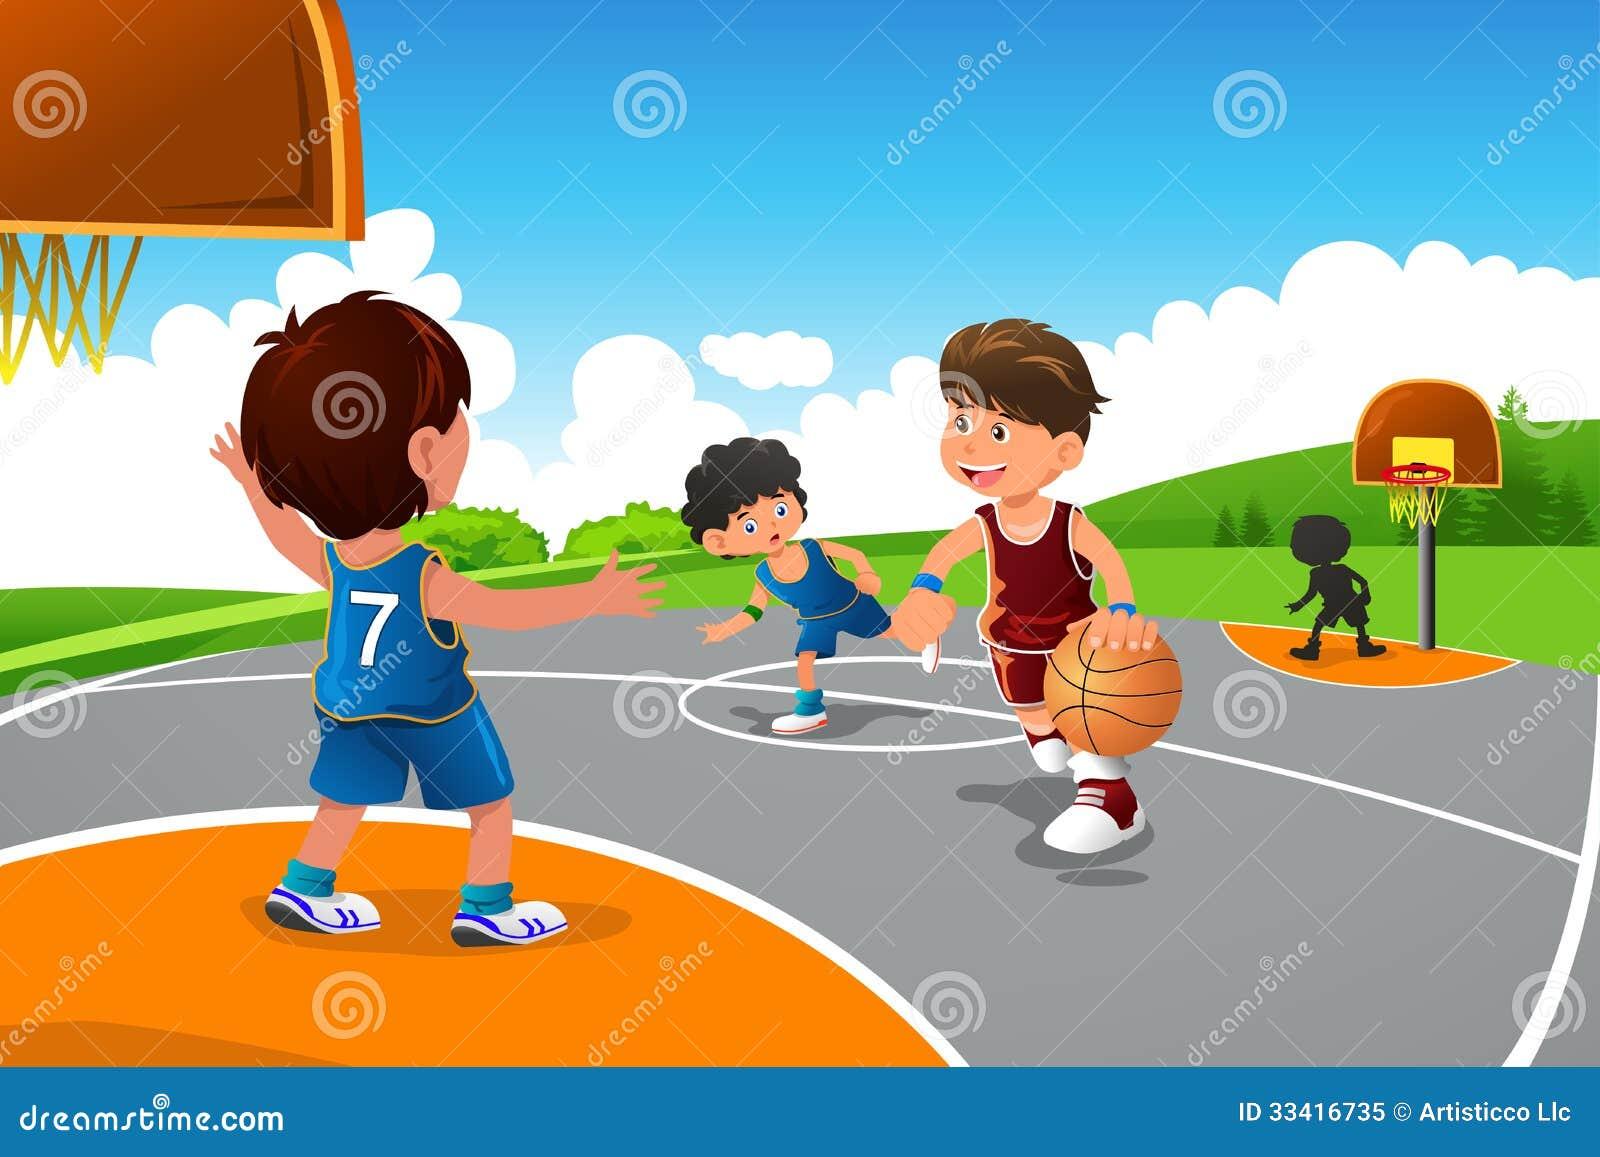 enfants jouant le basket ball dans un terrain de jeu illustration de vecteur illustration du. Black Bedroom Furniture Sets. Home Design Ideas